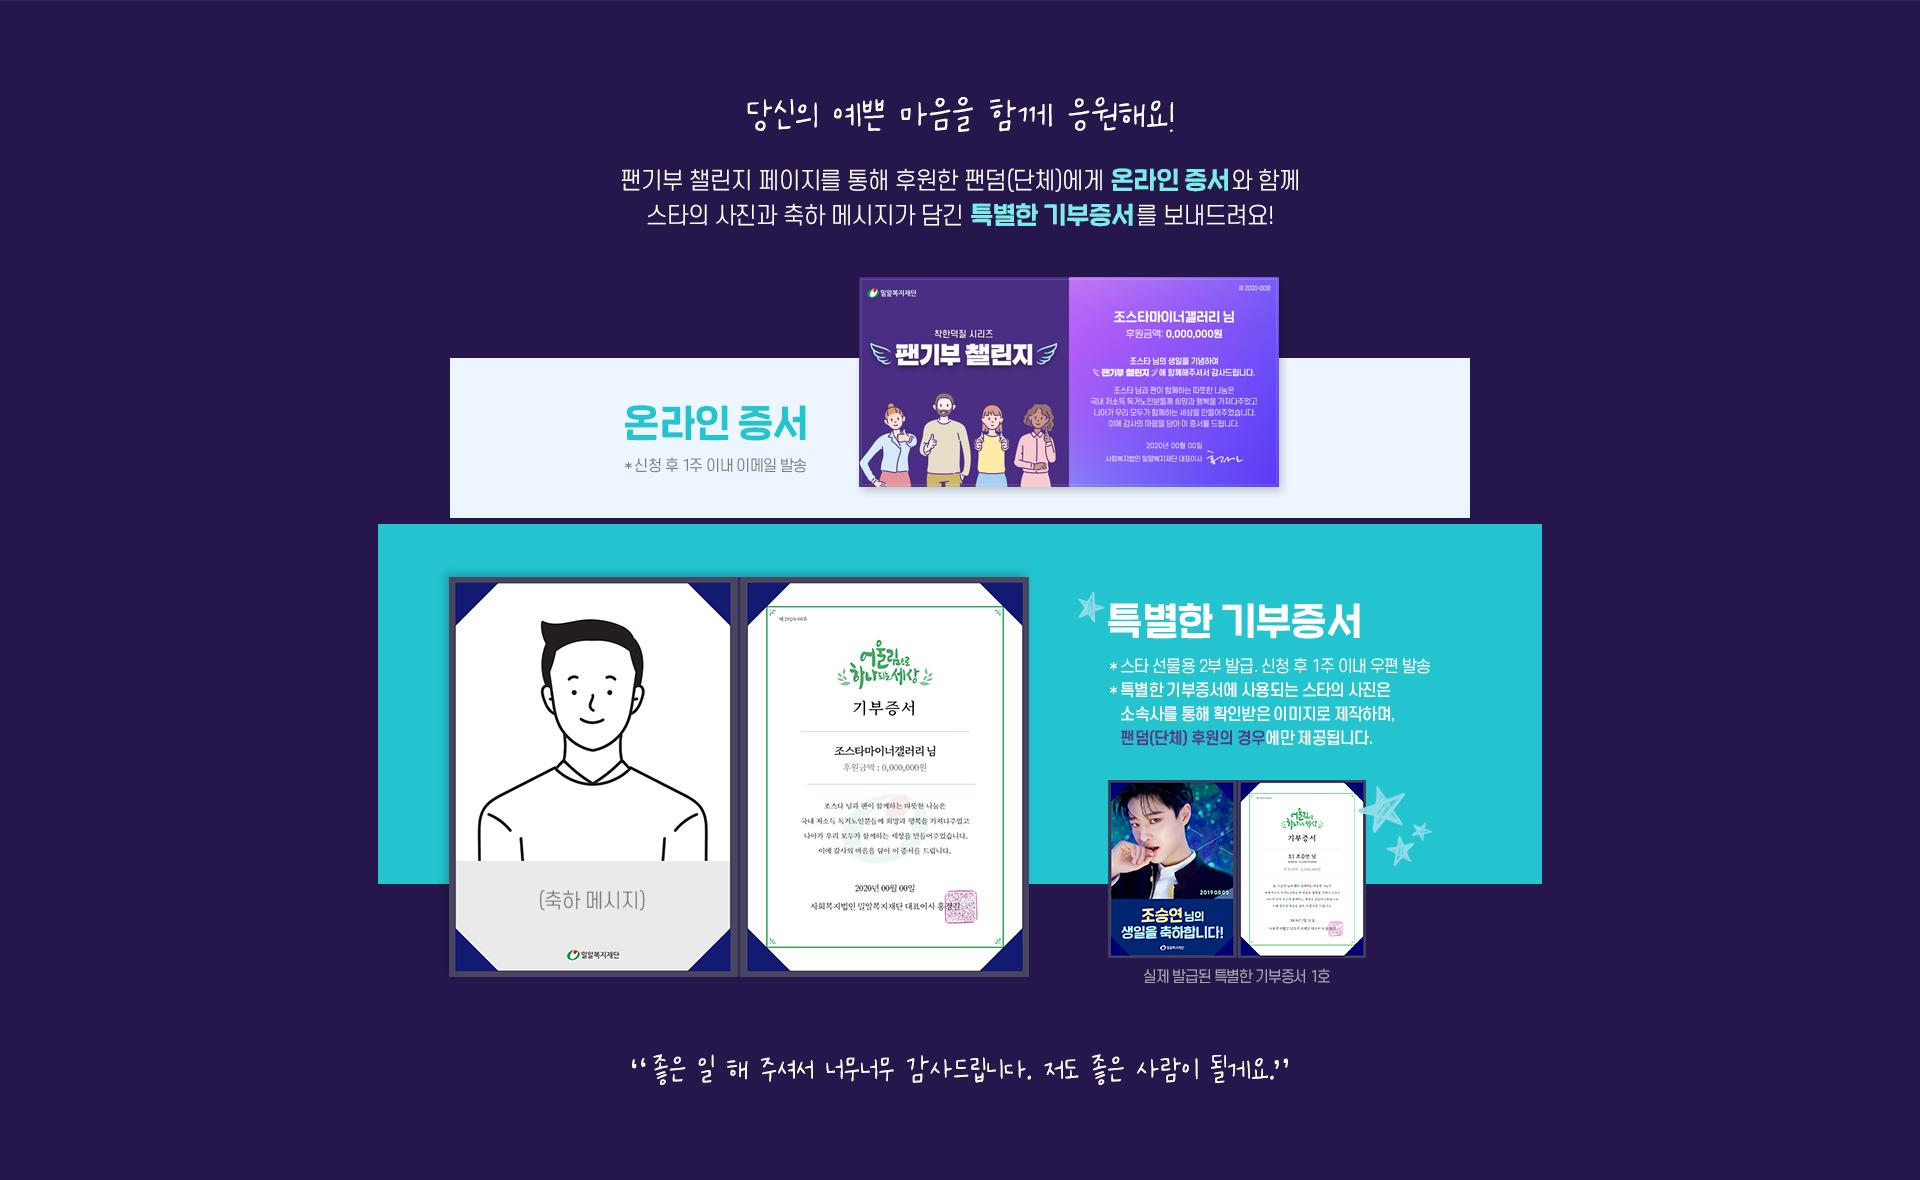 팬기부 챌린지 페이지를 통해 후원한 팬덤(단체)에게 온라인 증서와 함께 스타의 사진과 축하 메시지가 담긴 특별한 기부증서를 보내드려요!